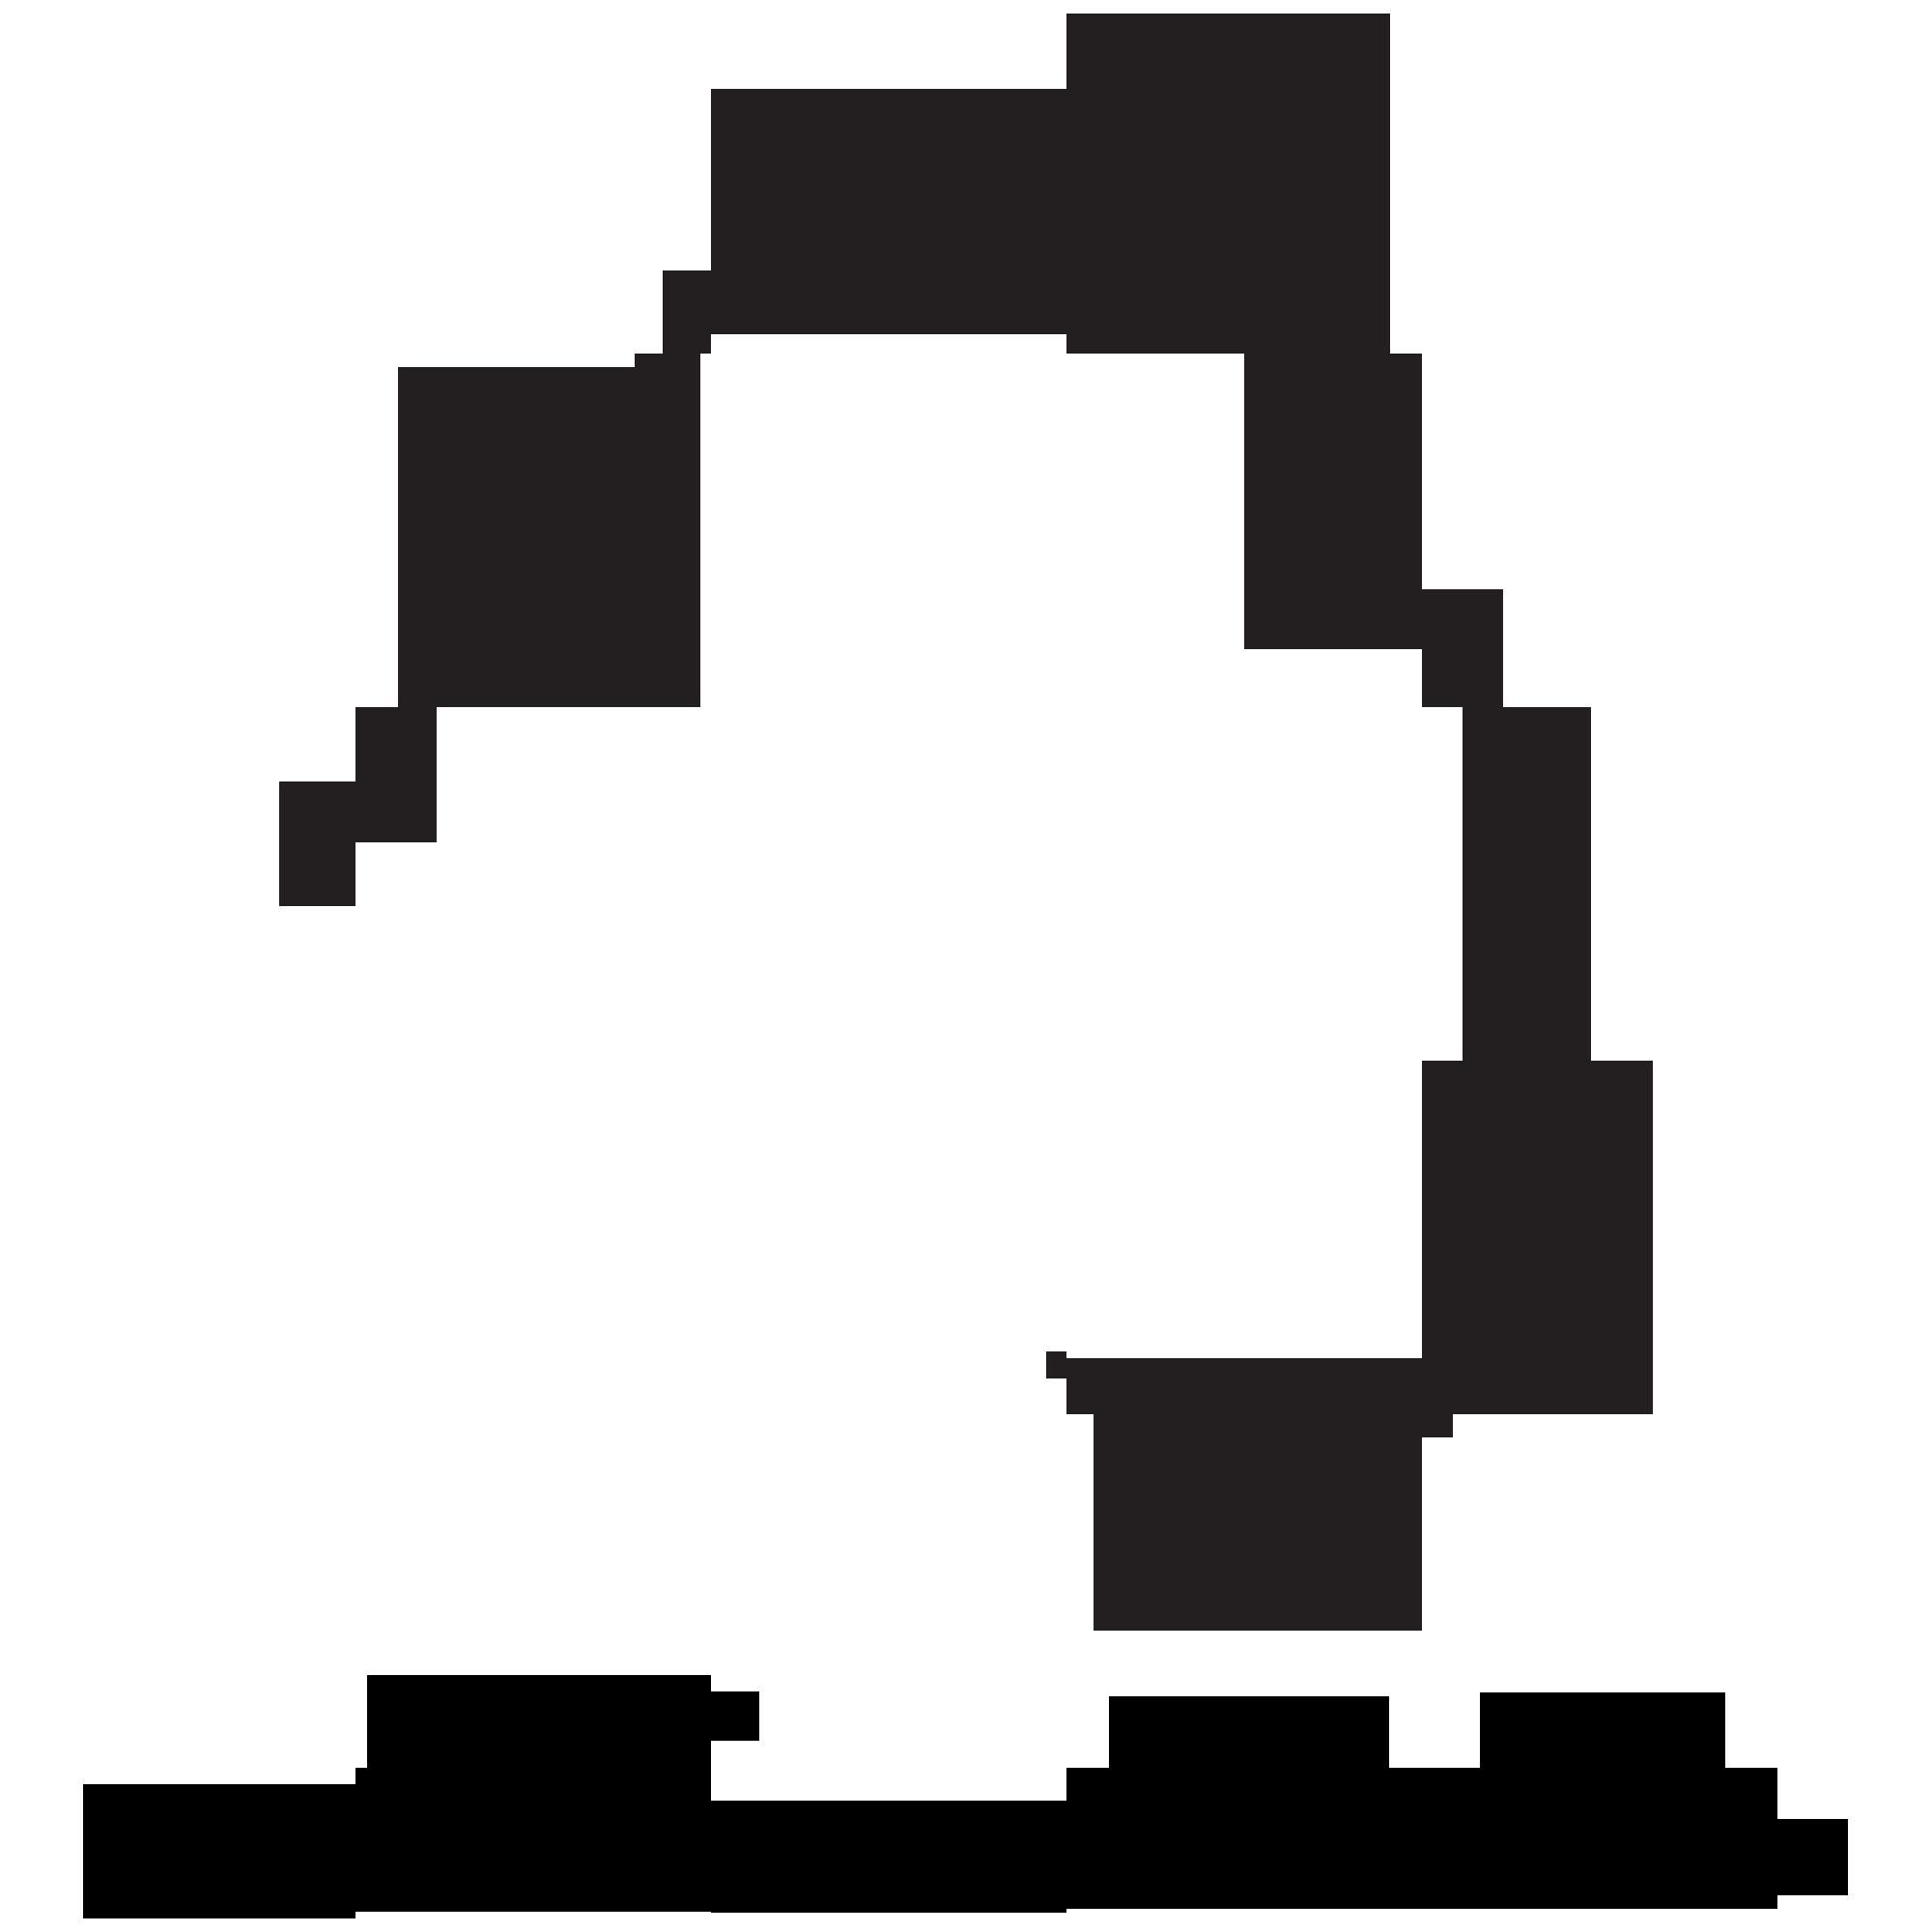 nekoaudio's avatar